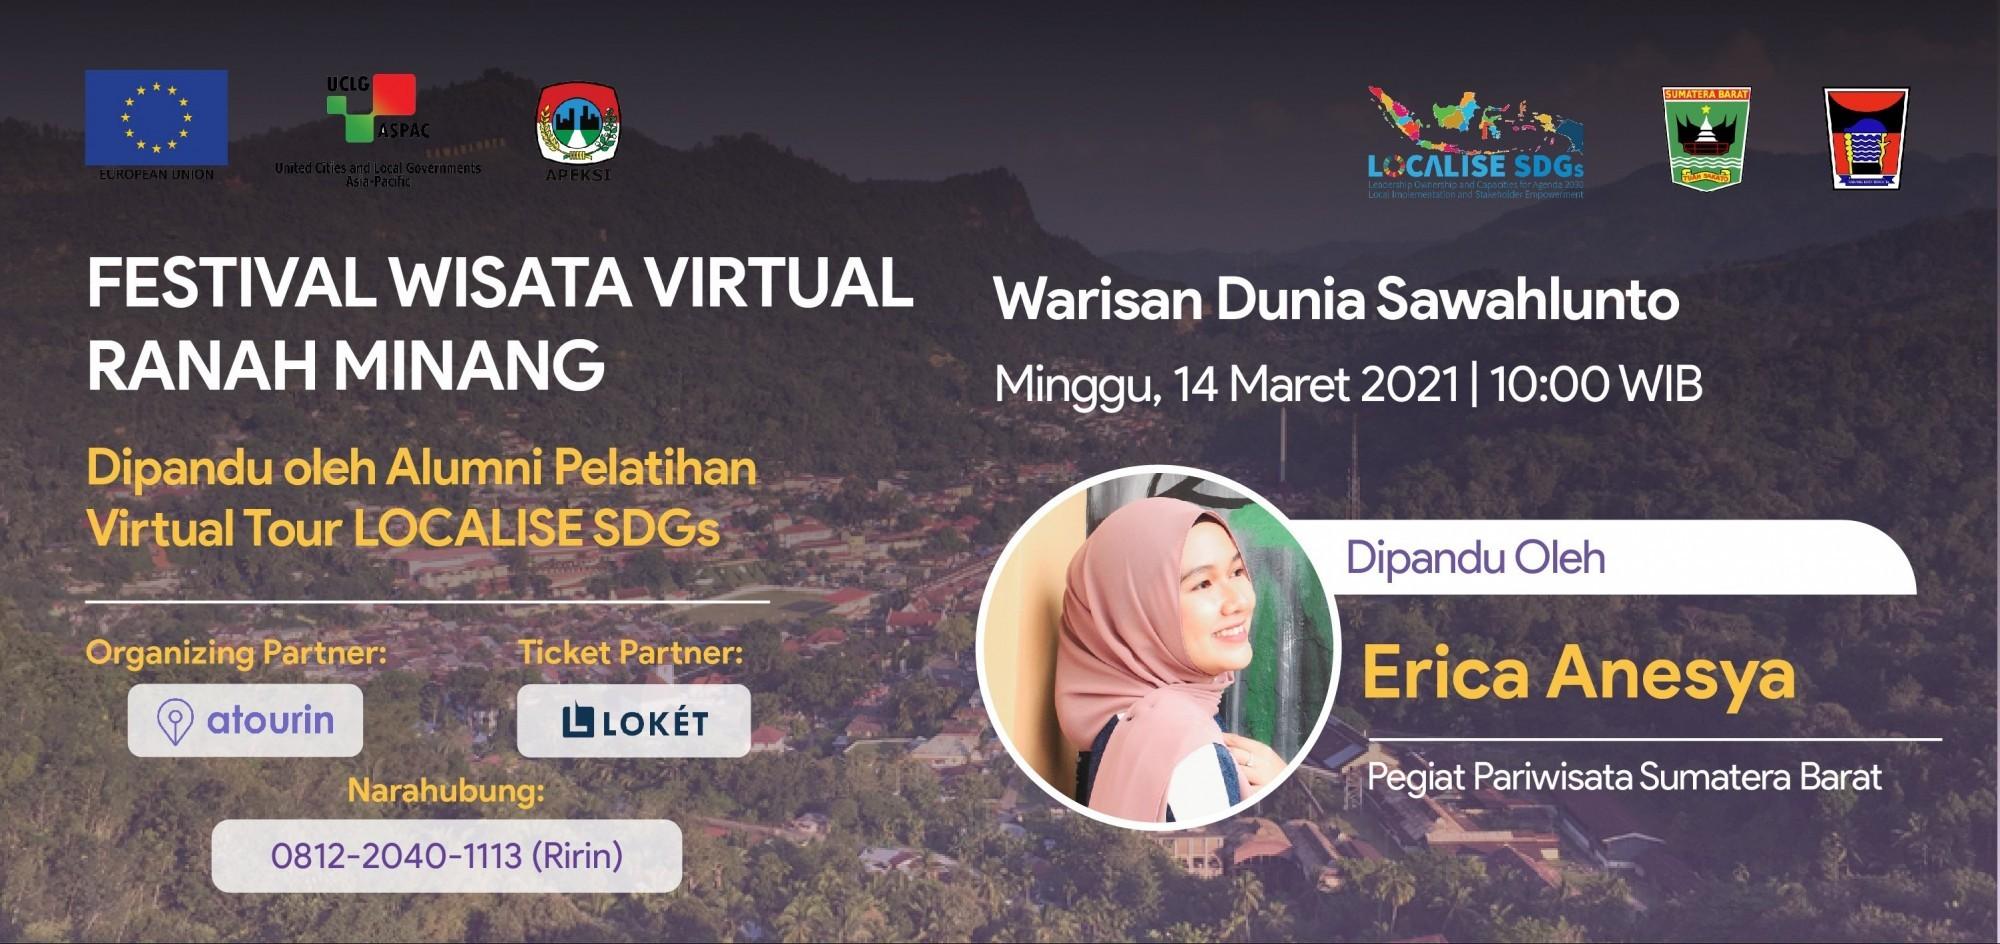 Warisan Dunia Sawahlunto - Festival Wisata Virtual Ranah Minang